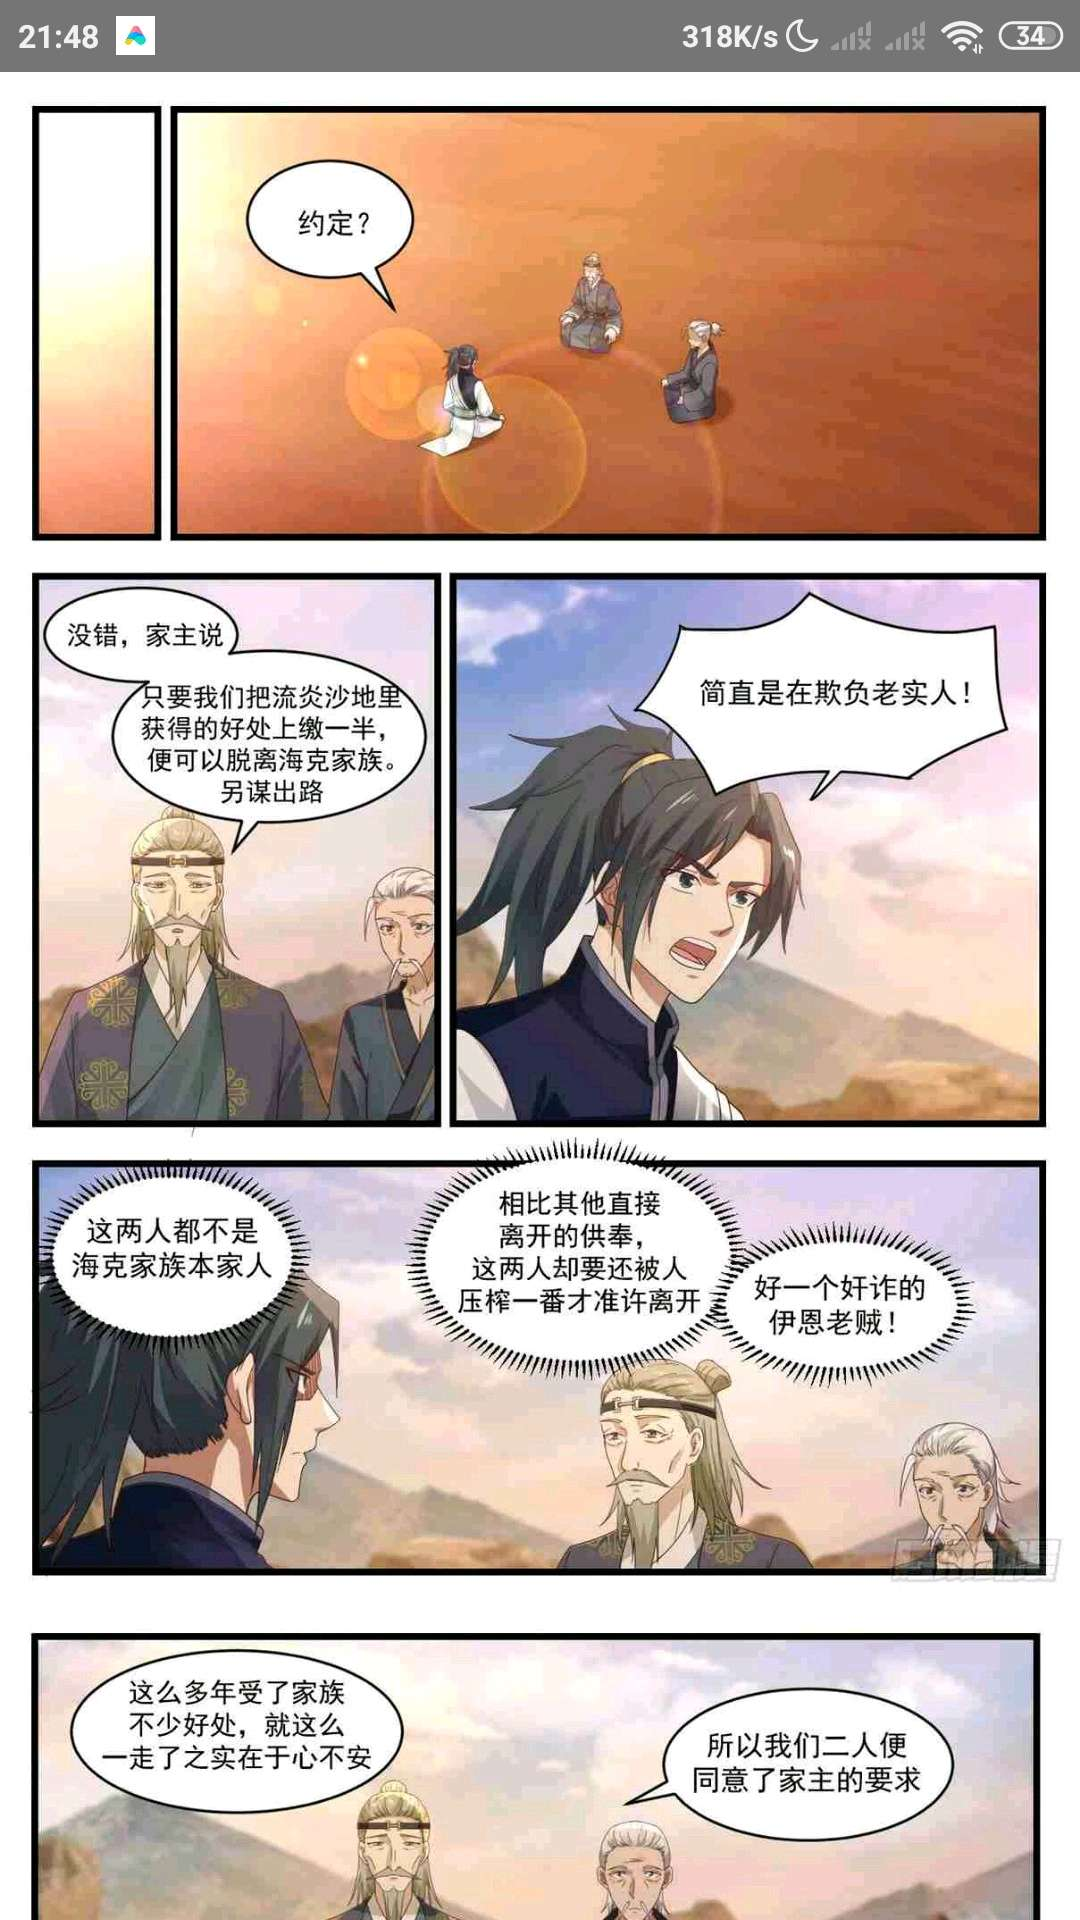 【漫画更新】武炼巅峰  1075开启-小柚妹站